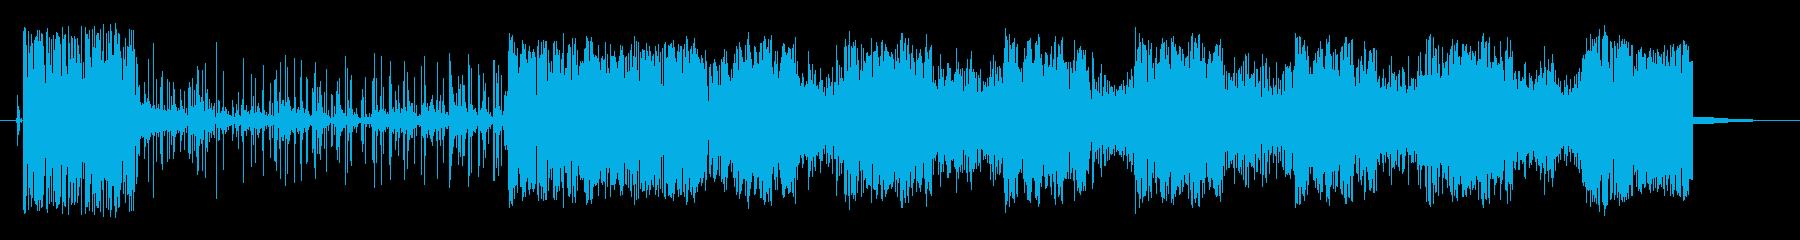 薄いスタッターカットトランジションの再生済みの波形